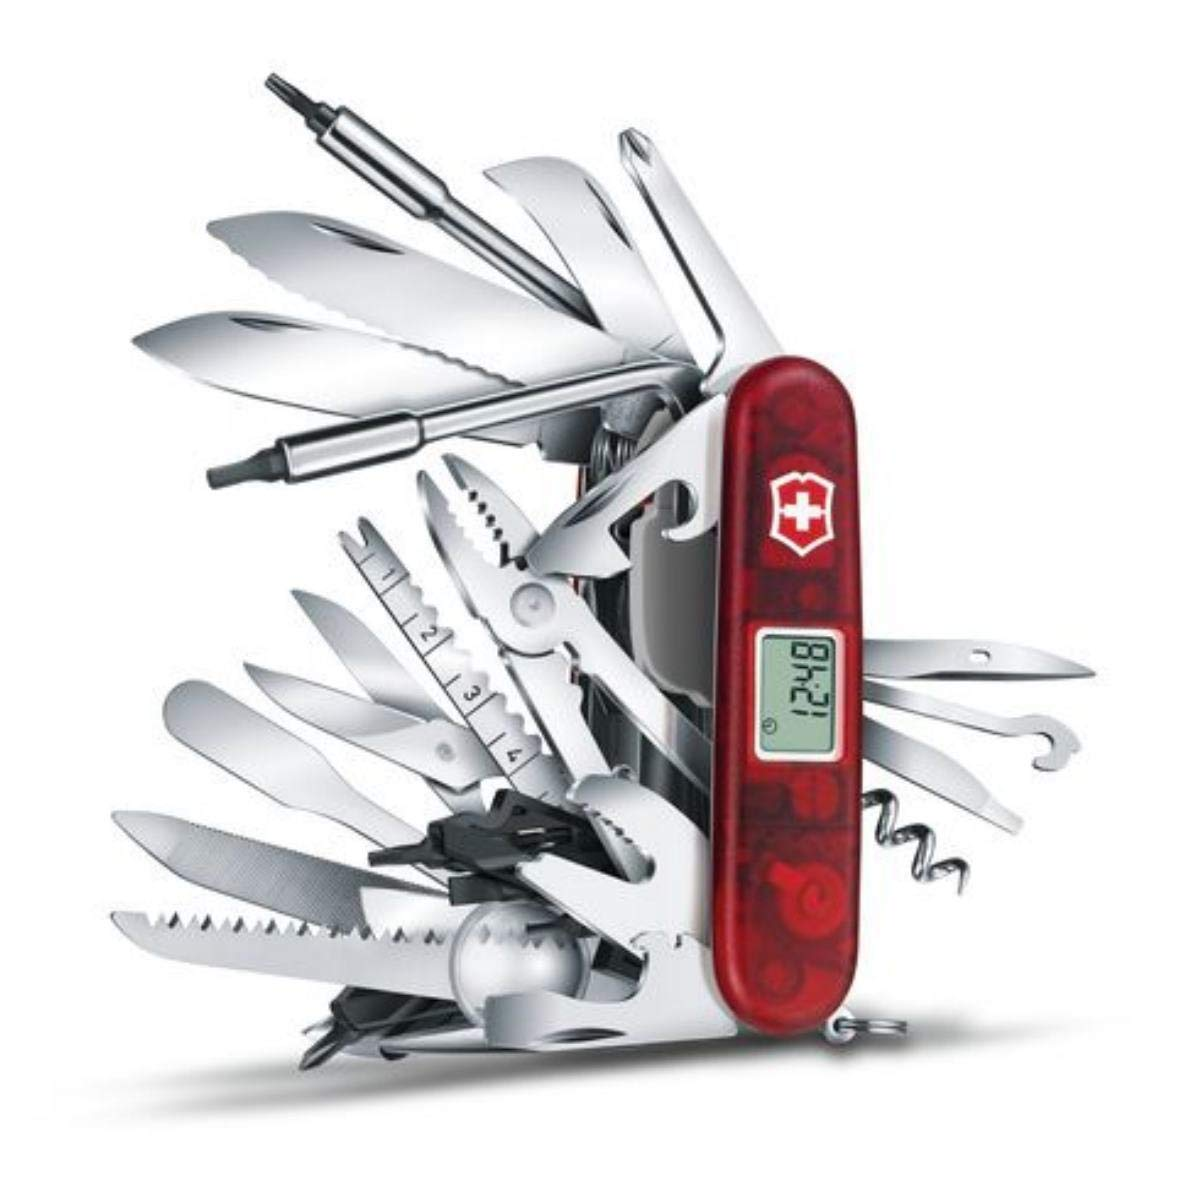 Un regalo originale per l'amico smanettone? Ecco l'idea regalo che cercavi! Il coltellino svizzero definitivo!